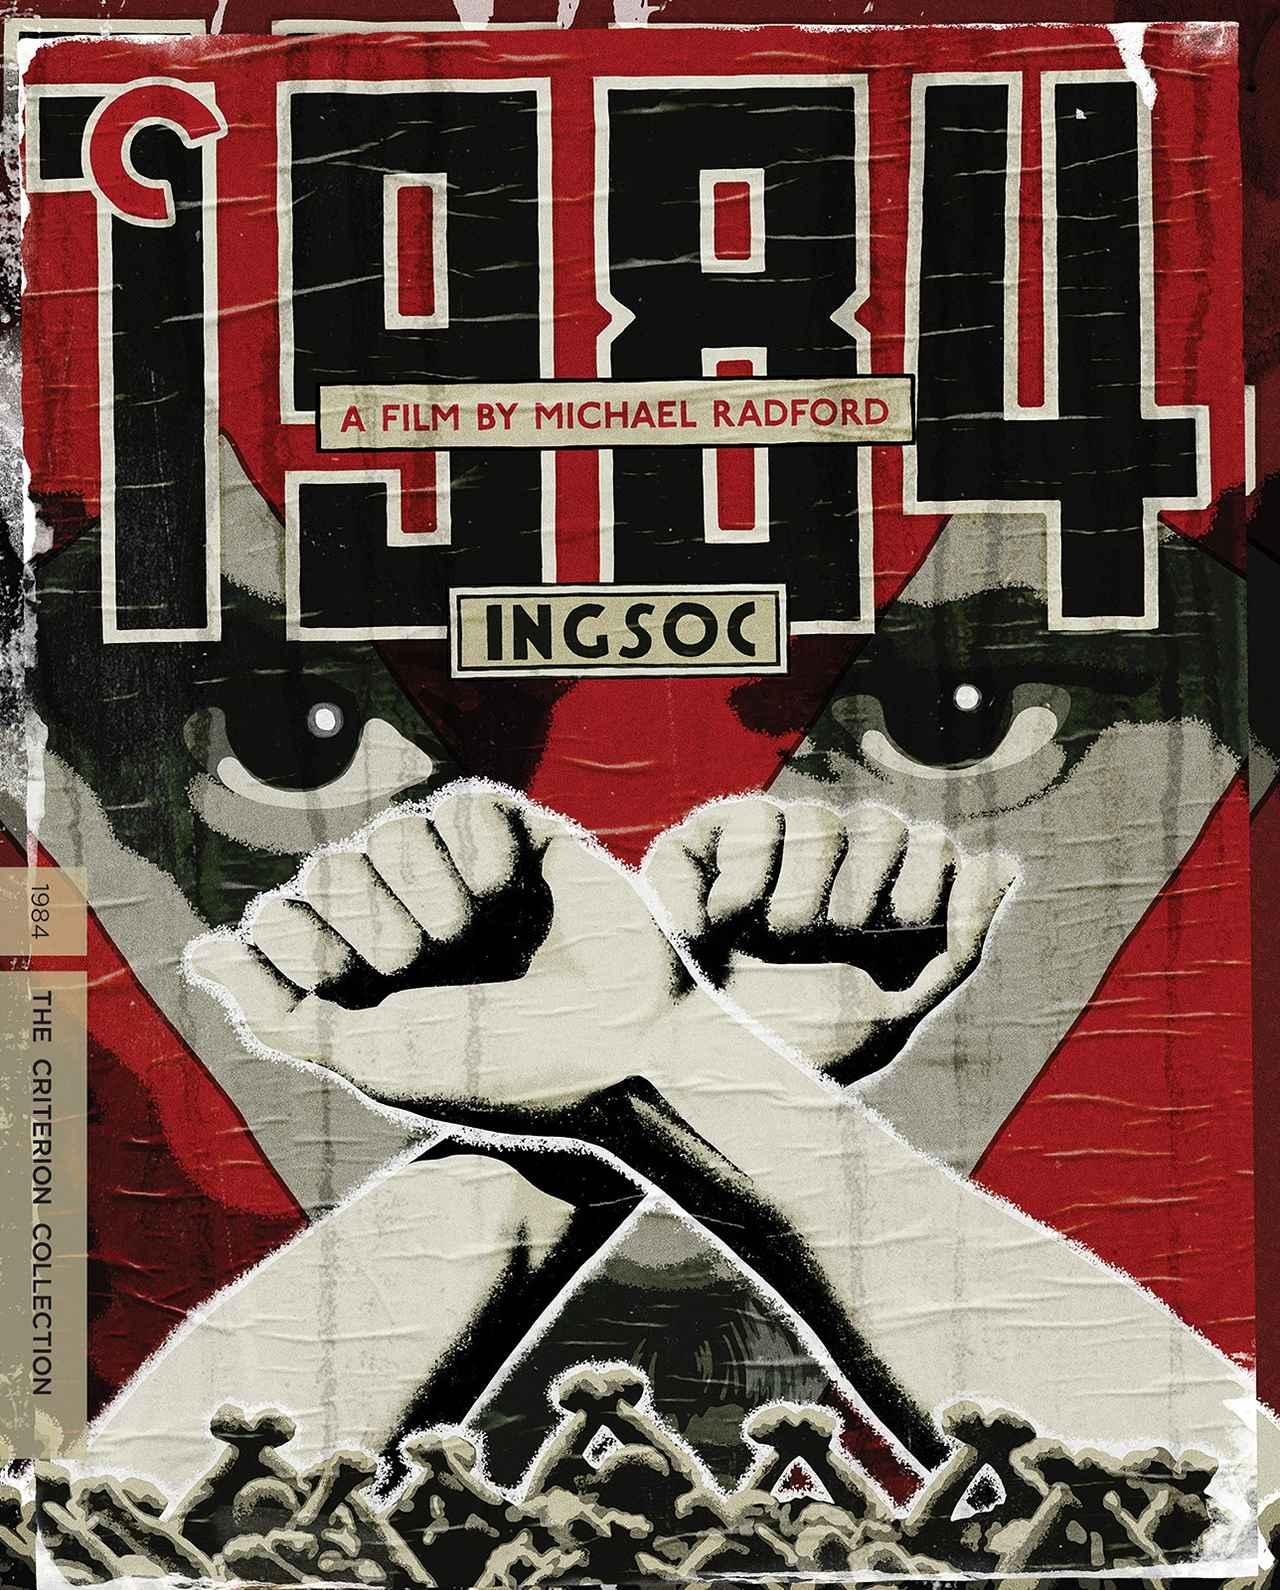 画像: マイケル・ラドフォード監督作『1984』【クライテリオンNEWリリース】